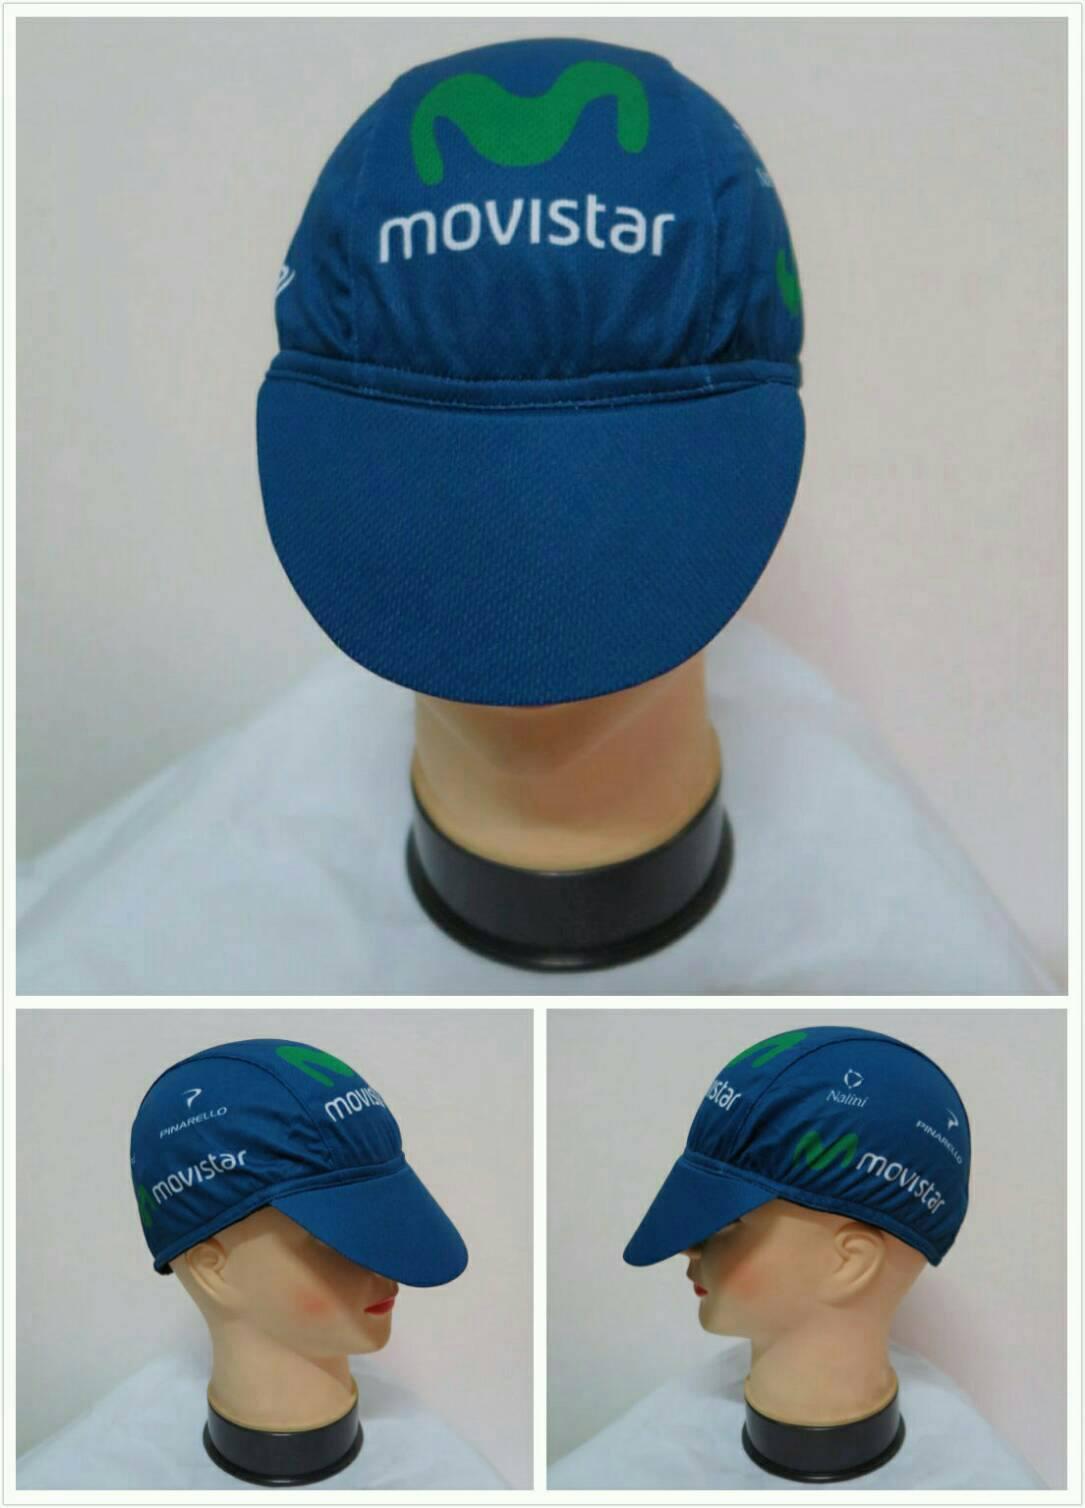 หมวกแก๊ป ลาย movista สีกรมท่า (แอดไลน์ @pinpinbike ใส่ @ ข้างหน้าด้วยนะคะ)